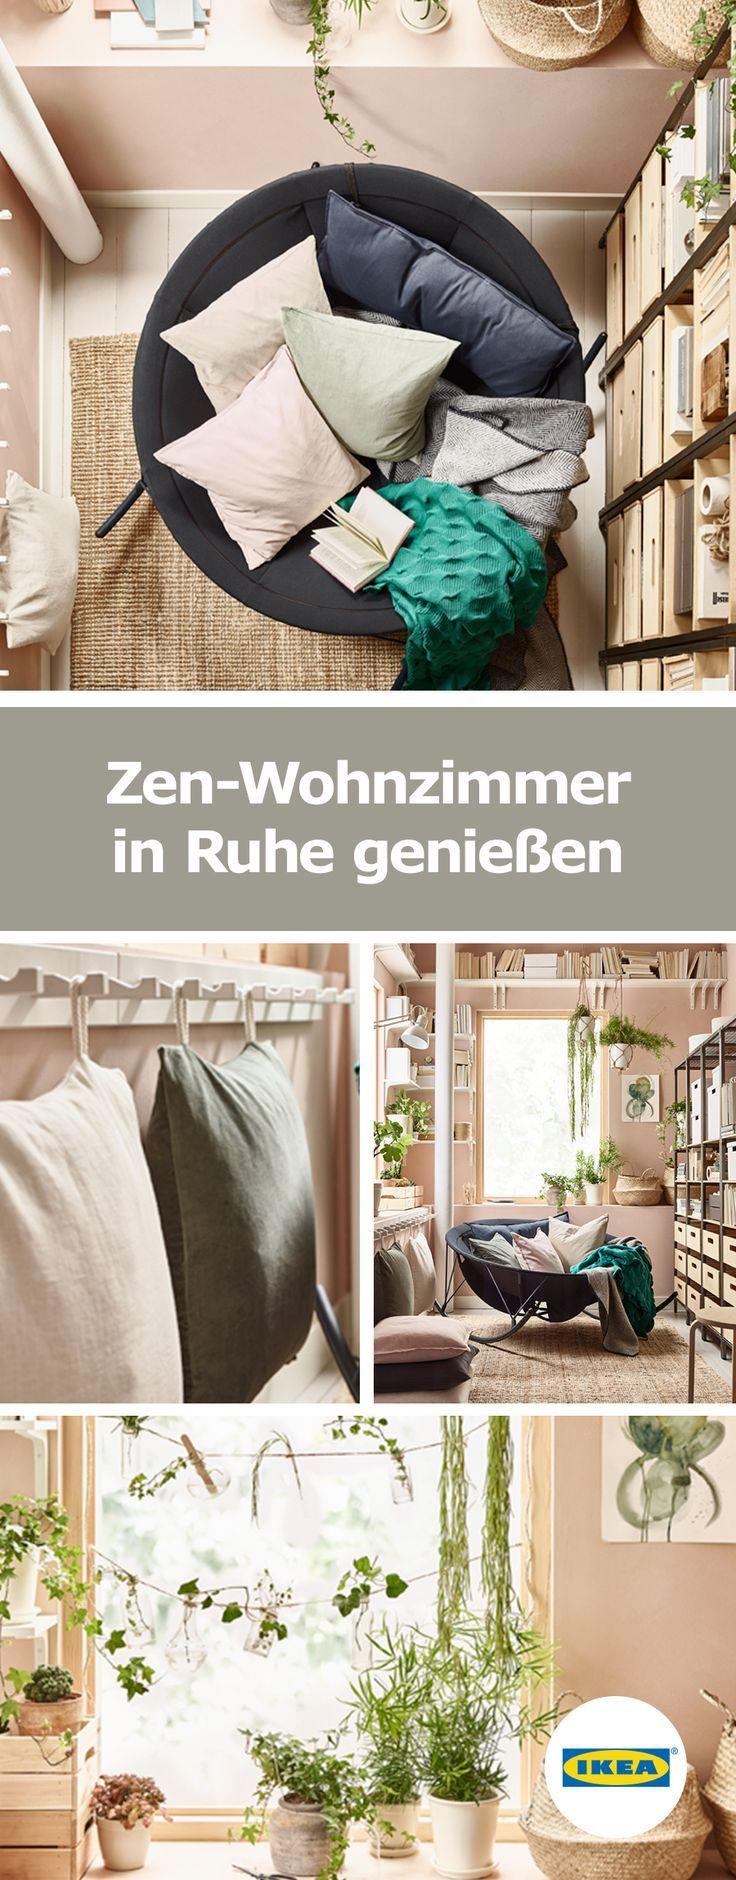 Ikea Deutschland Zen Wohnzimmer In Ruhe Geniessen Yoga